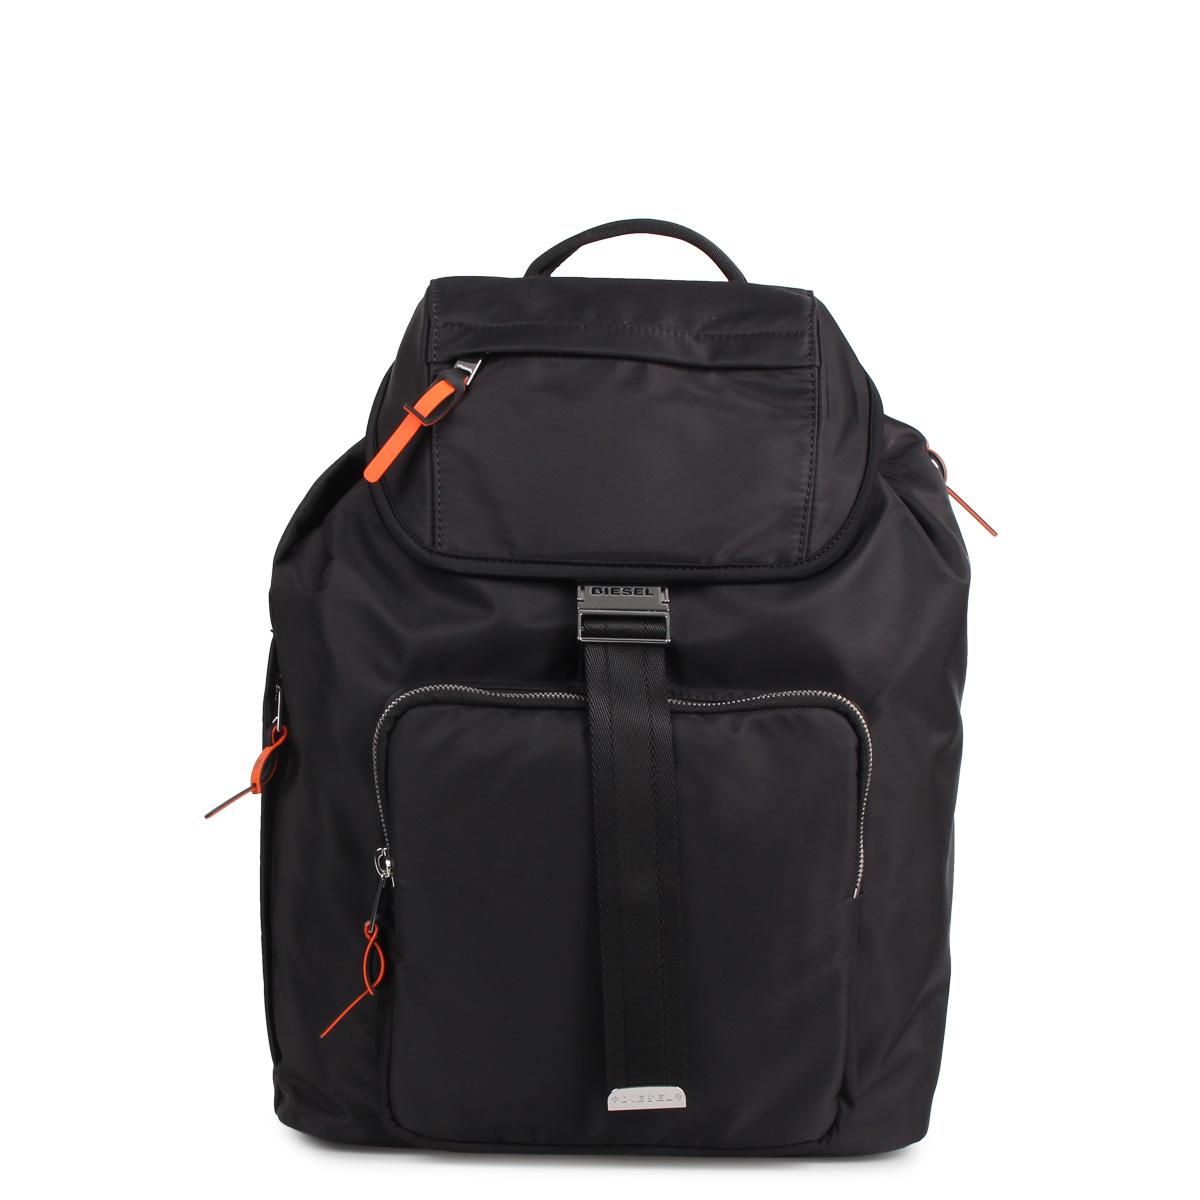 DIESEL ADANY RIESE ディーゼル アンディ リュック バッグ バックパック メンズ ブラック ネイビー 黒 X06476-PR027